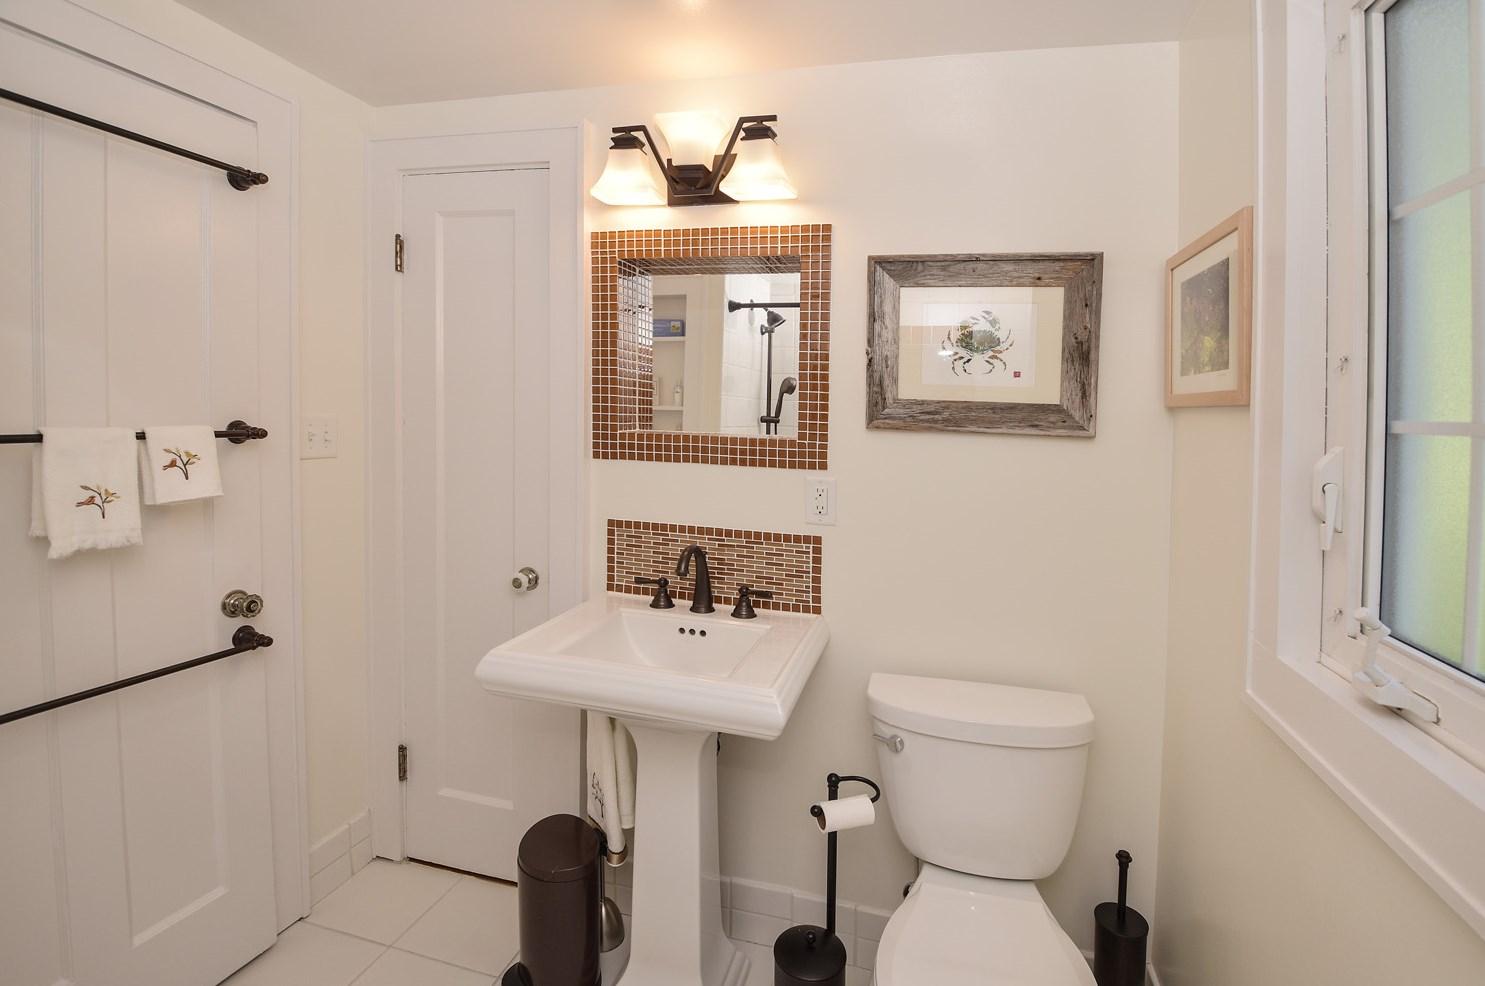 3454 linwood avenue photo 40 - Bathroom Cabinets Cincinnati